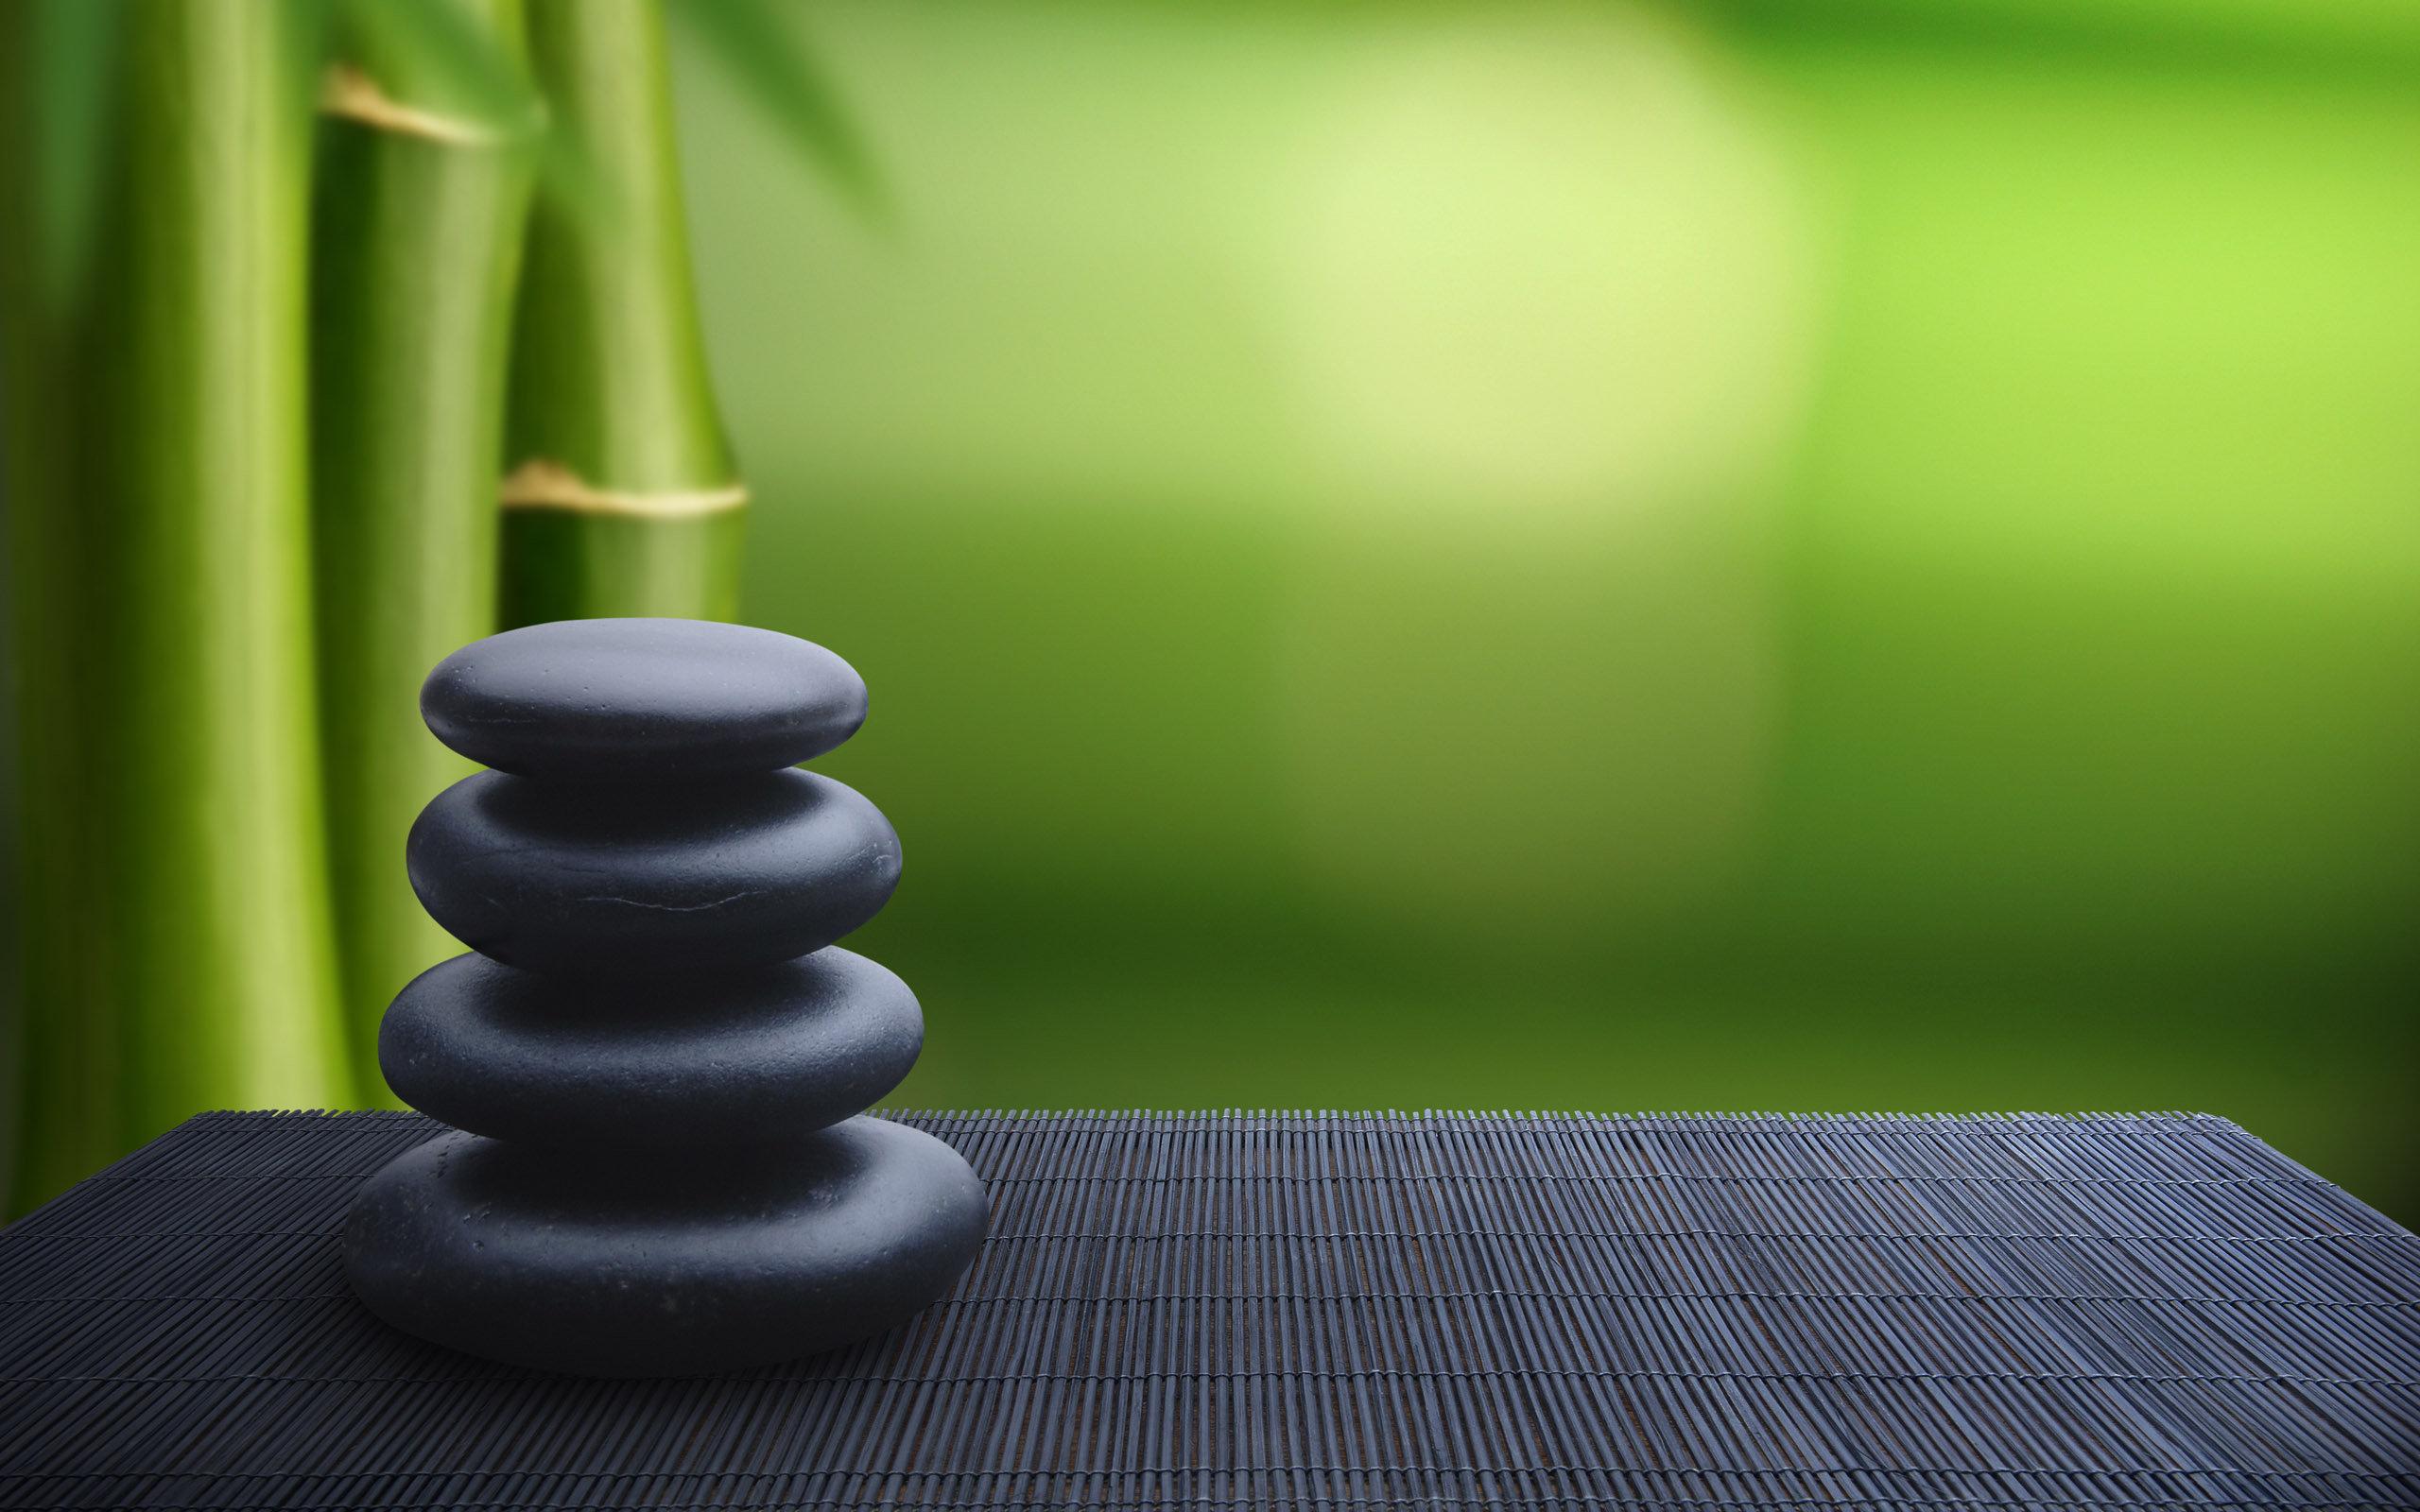 zen wallpapers